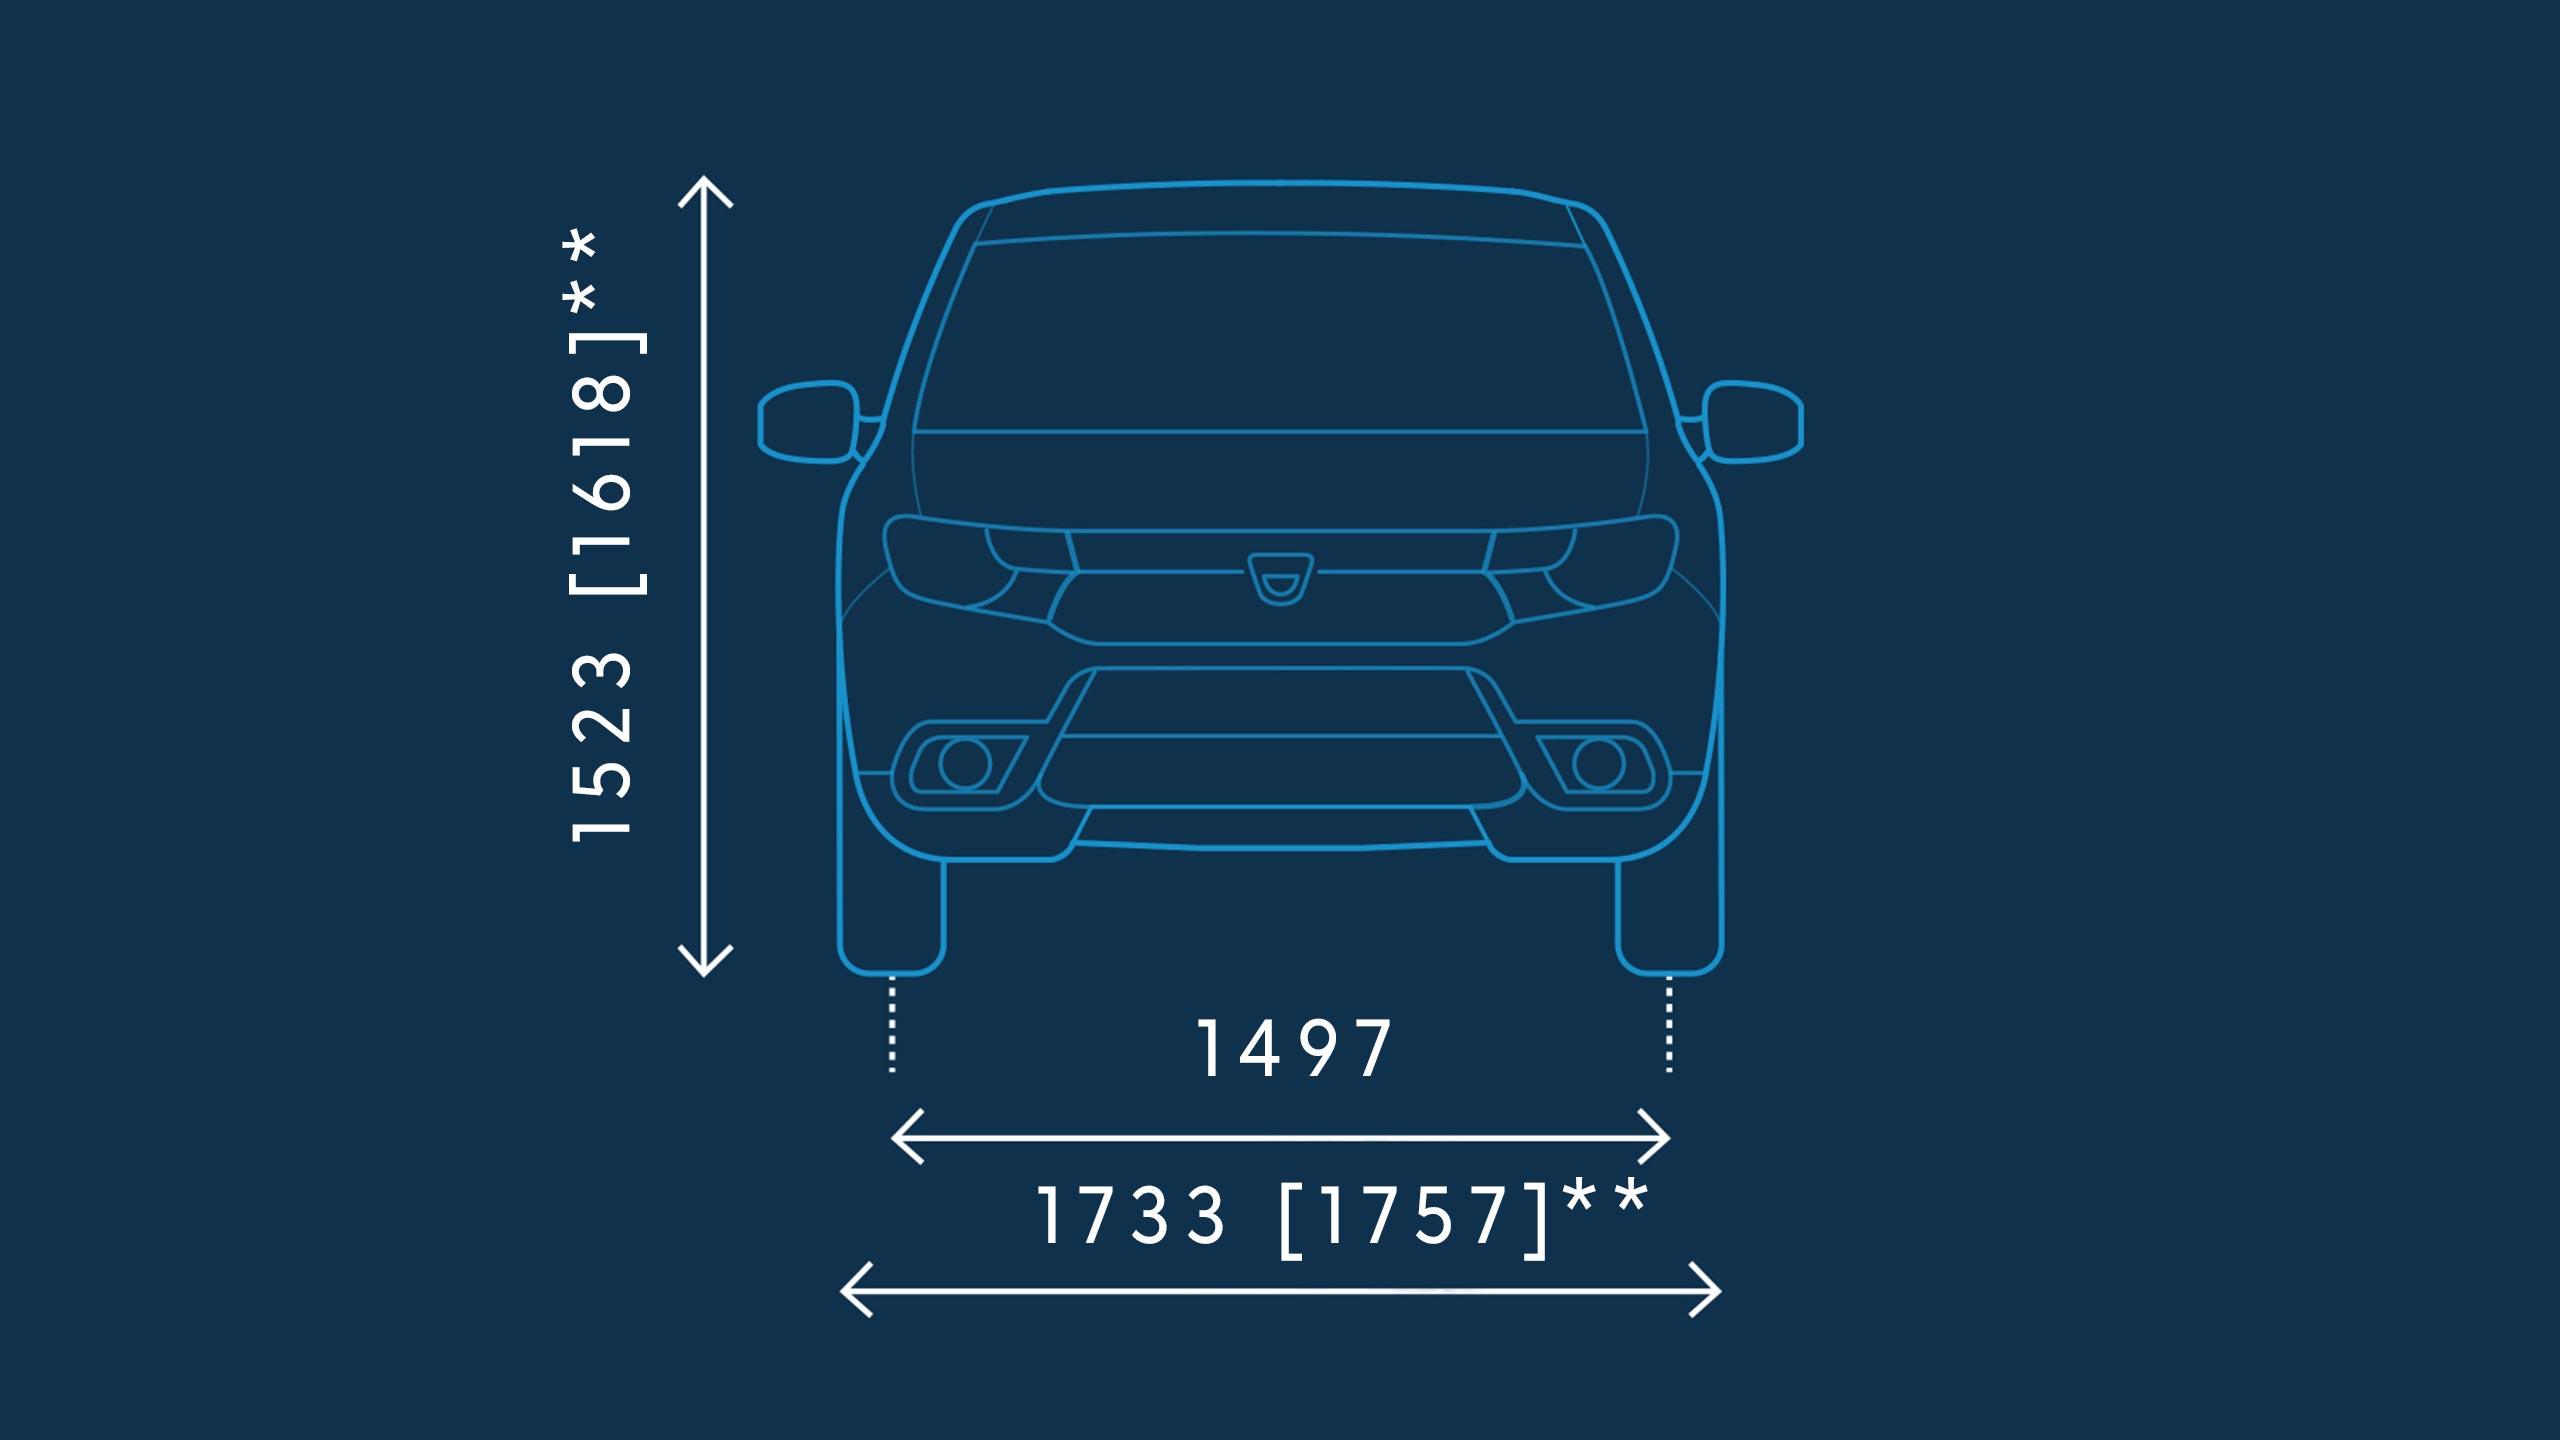 Dacia Sandero Autozentren P&A-Preckel